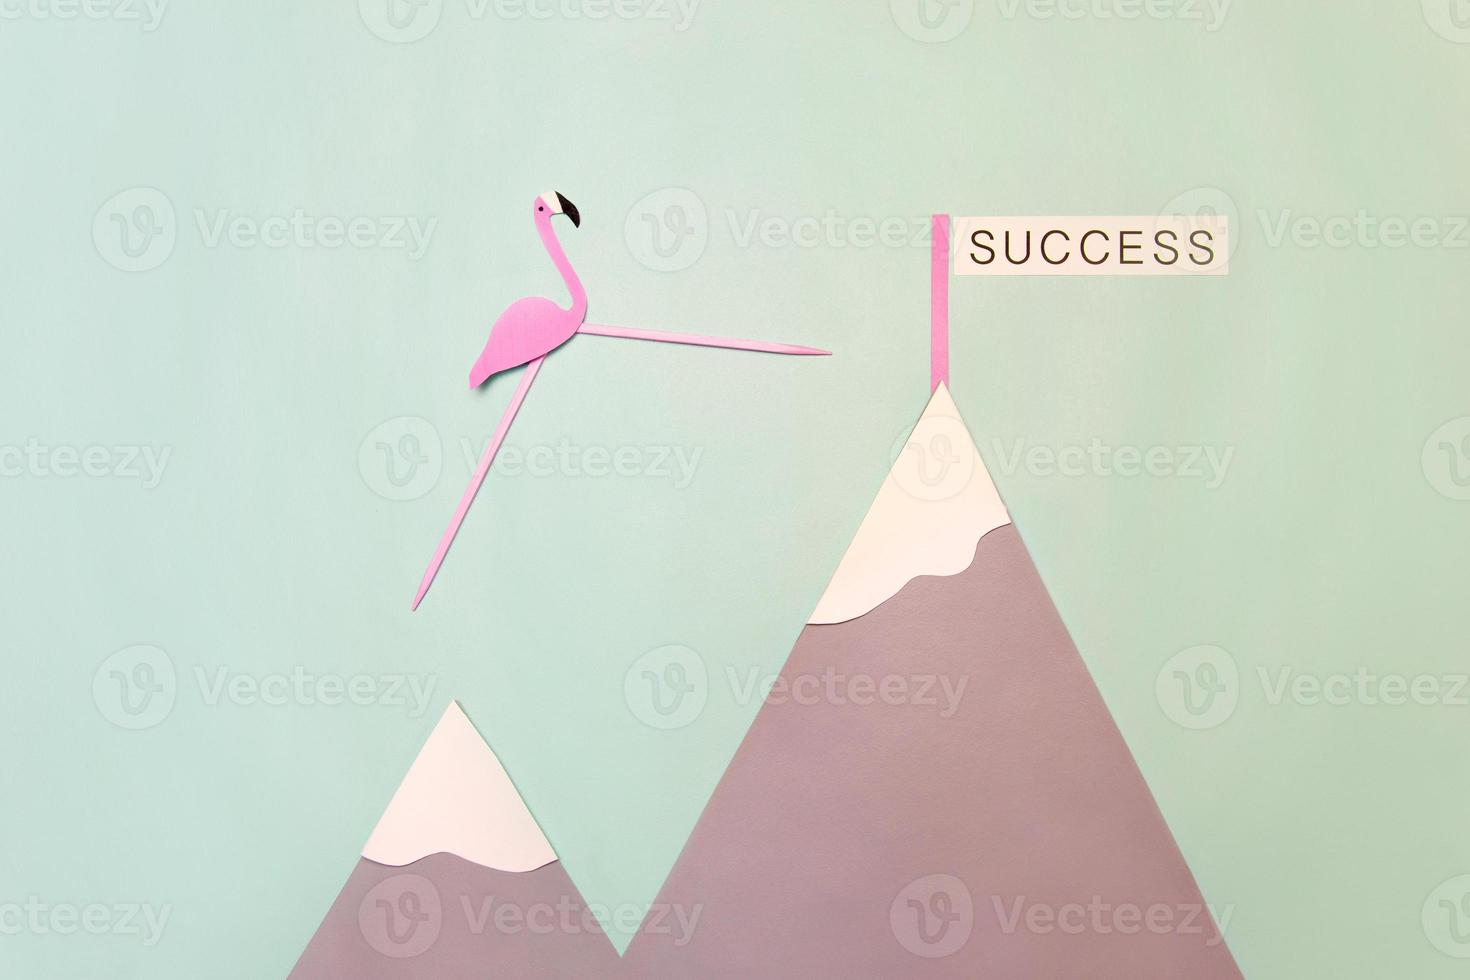 rosa flamante vers le succès foto